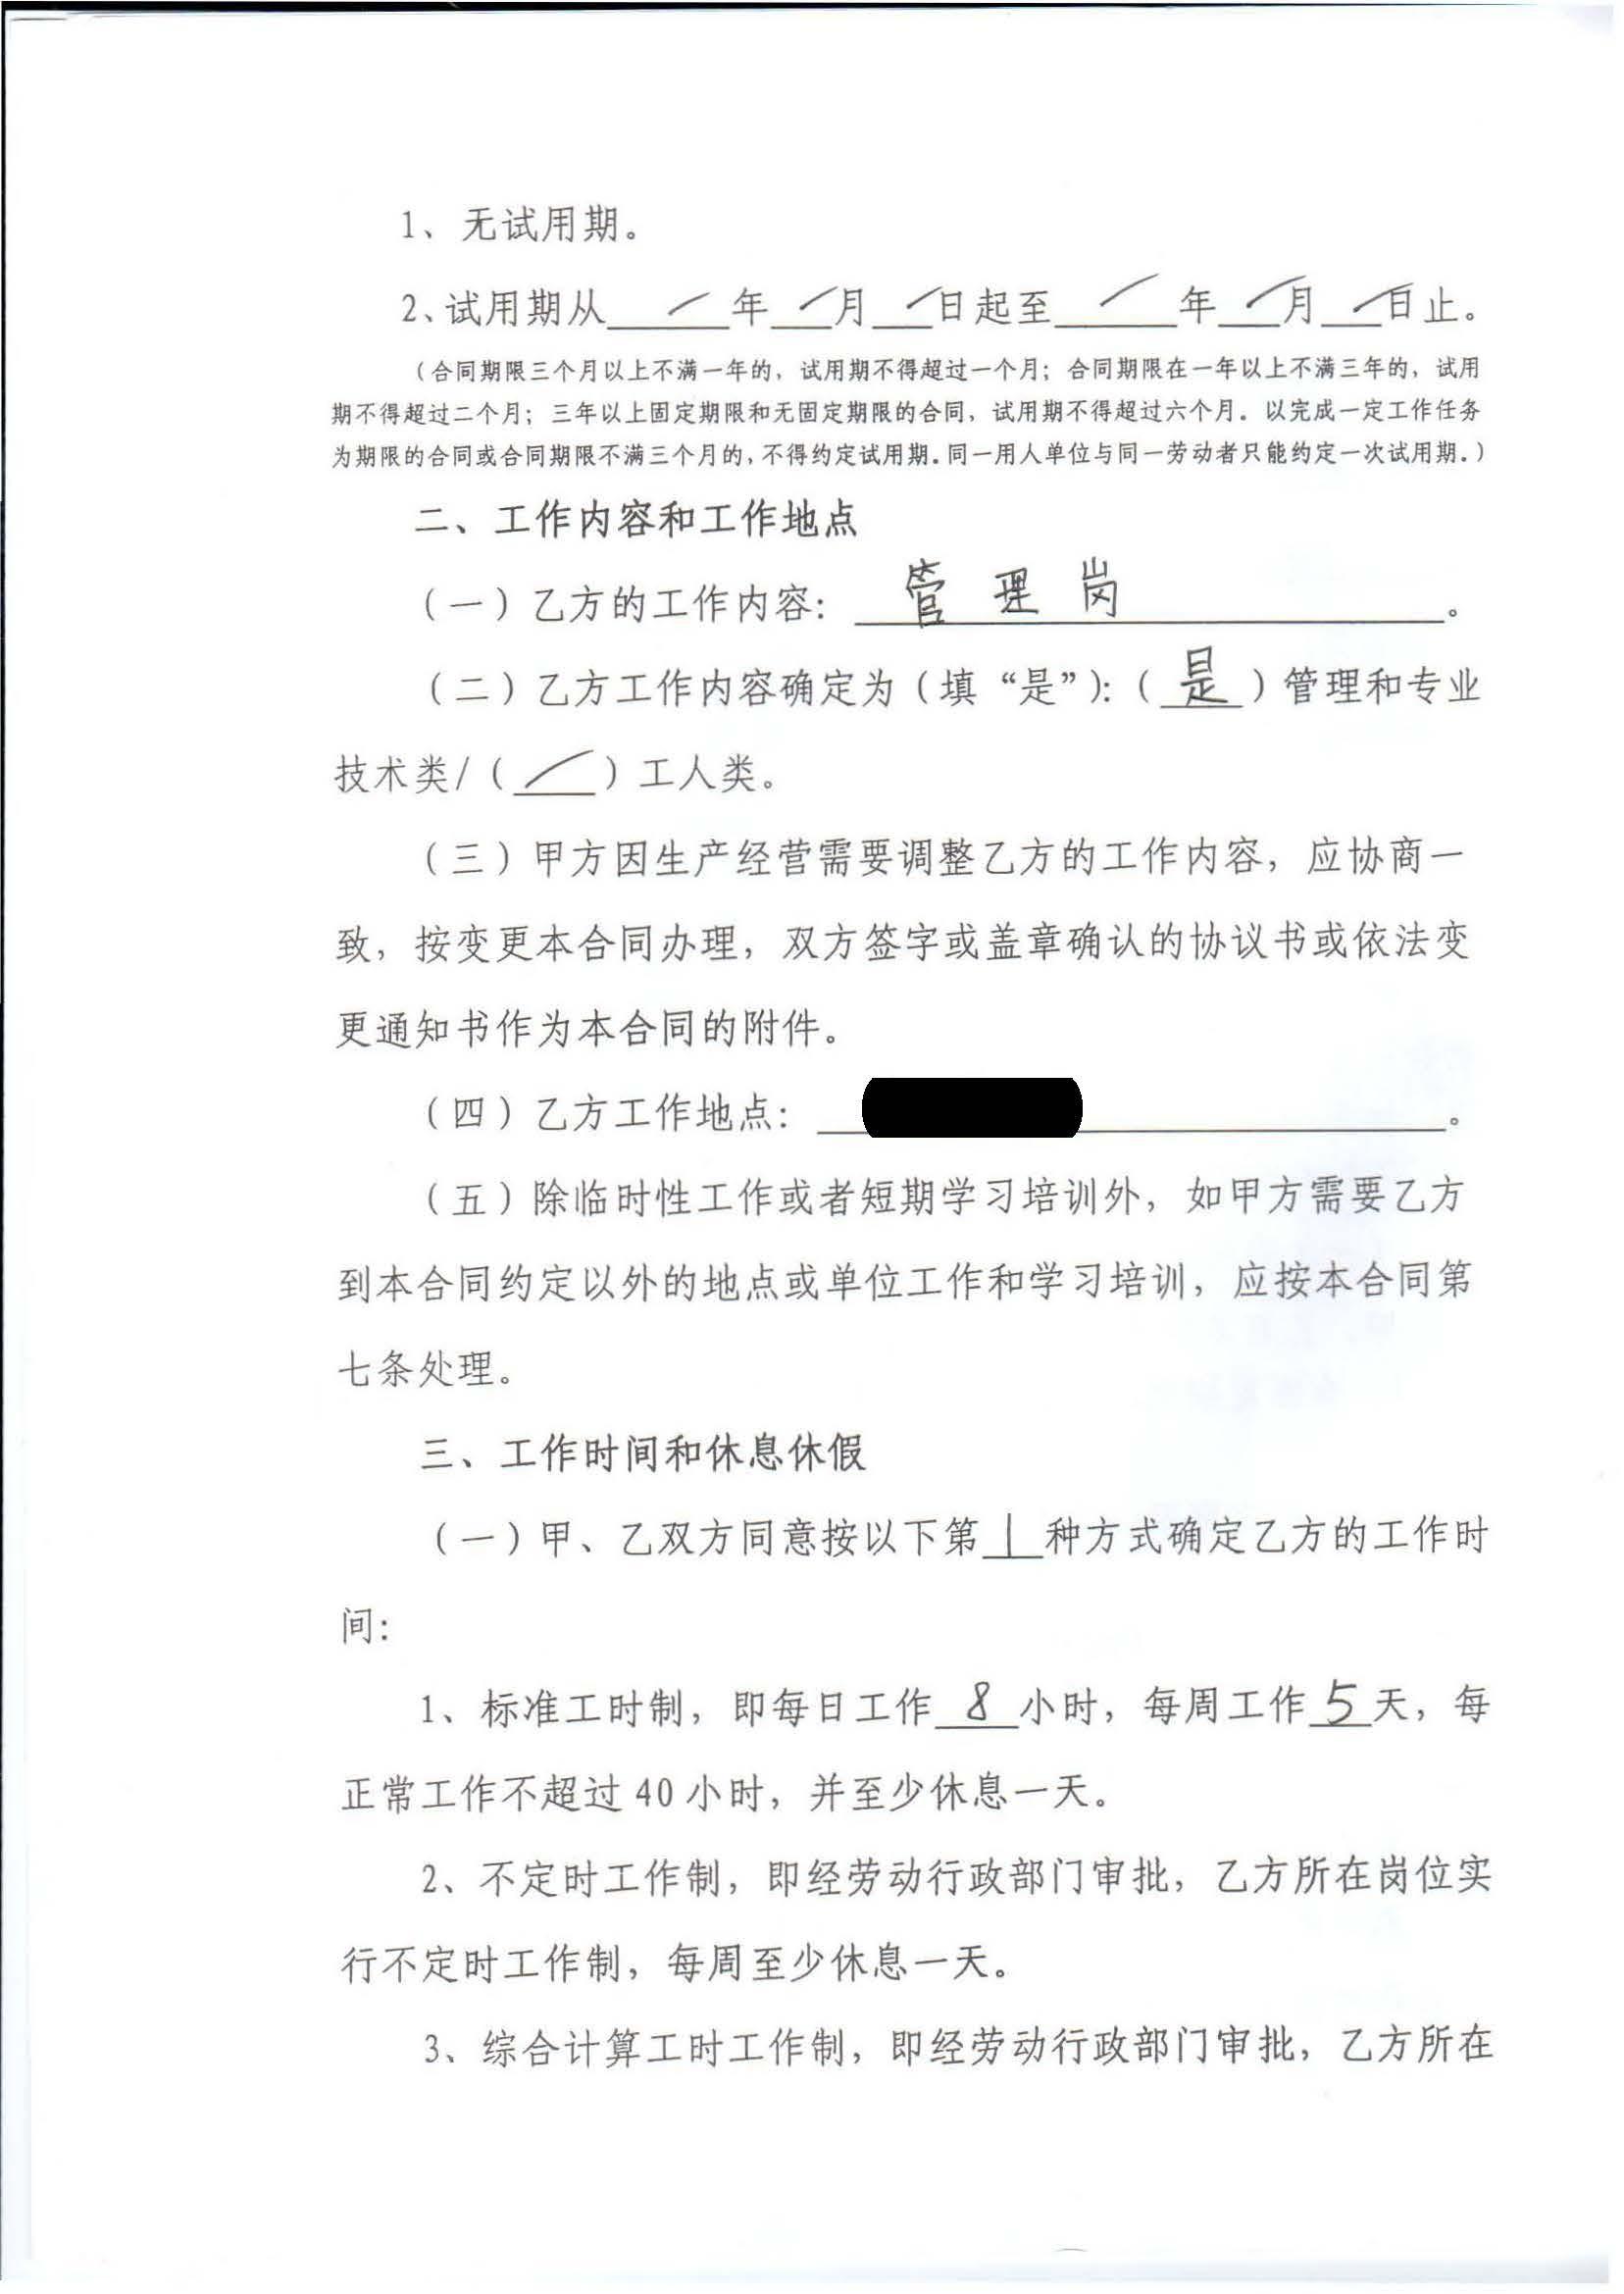 劳务派遣合同_页面_04